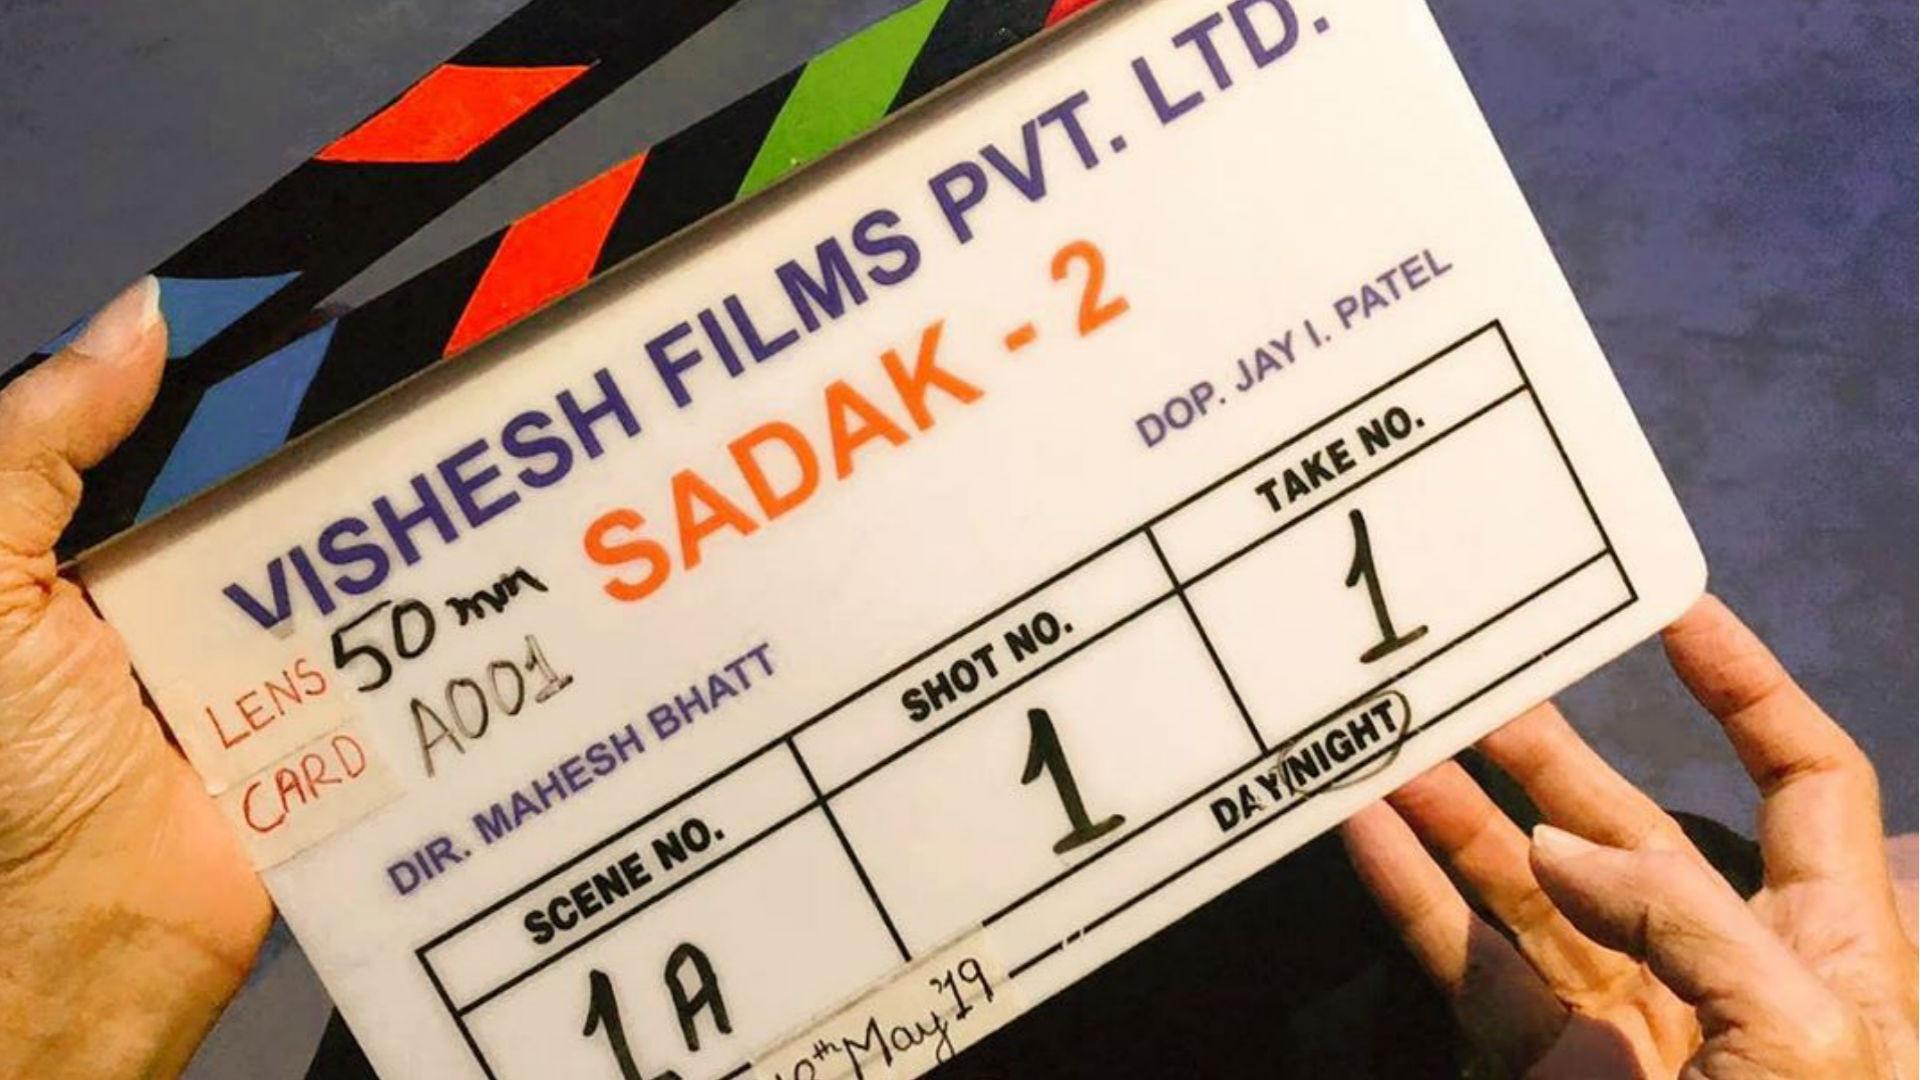 Sadak 2 Movie: संजय दत्त-पूजा भट्ट इस दिन लौटेंगे सड़क 2 फिल्म लेकर, ये है मूवी की रिलीज डेट